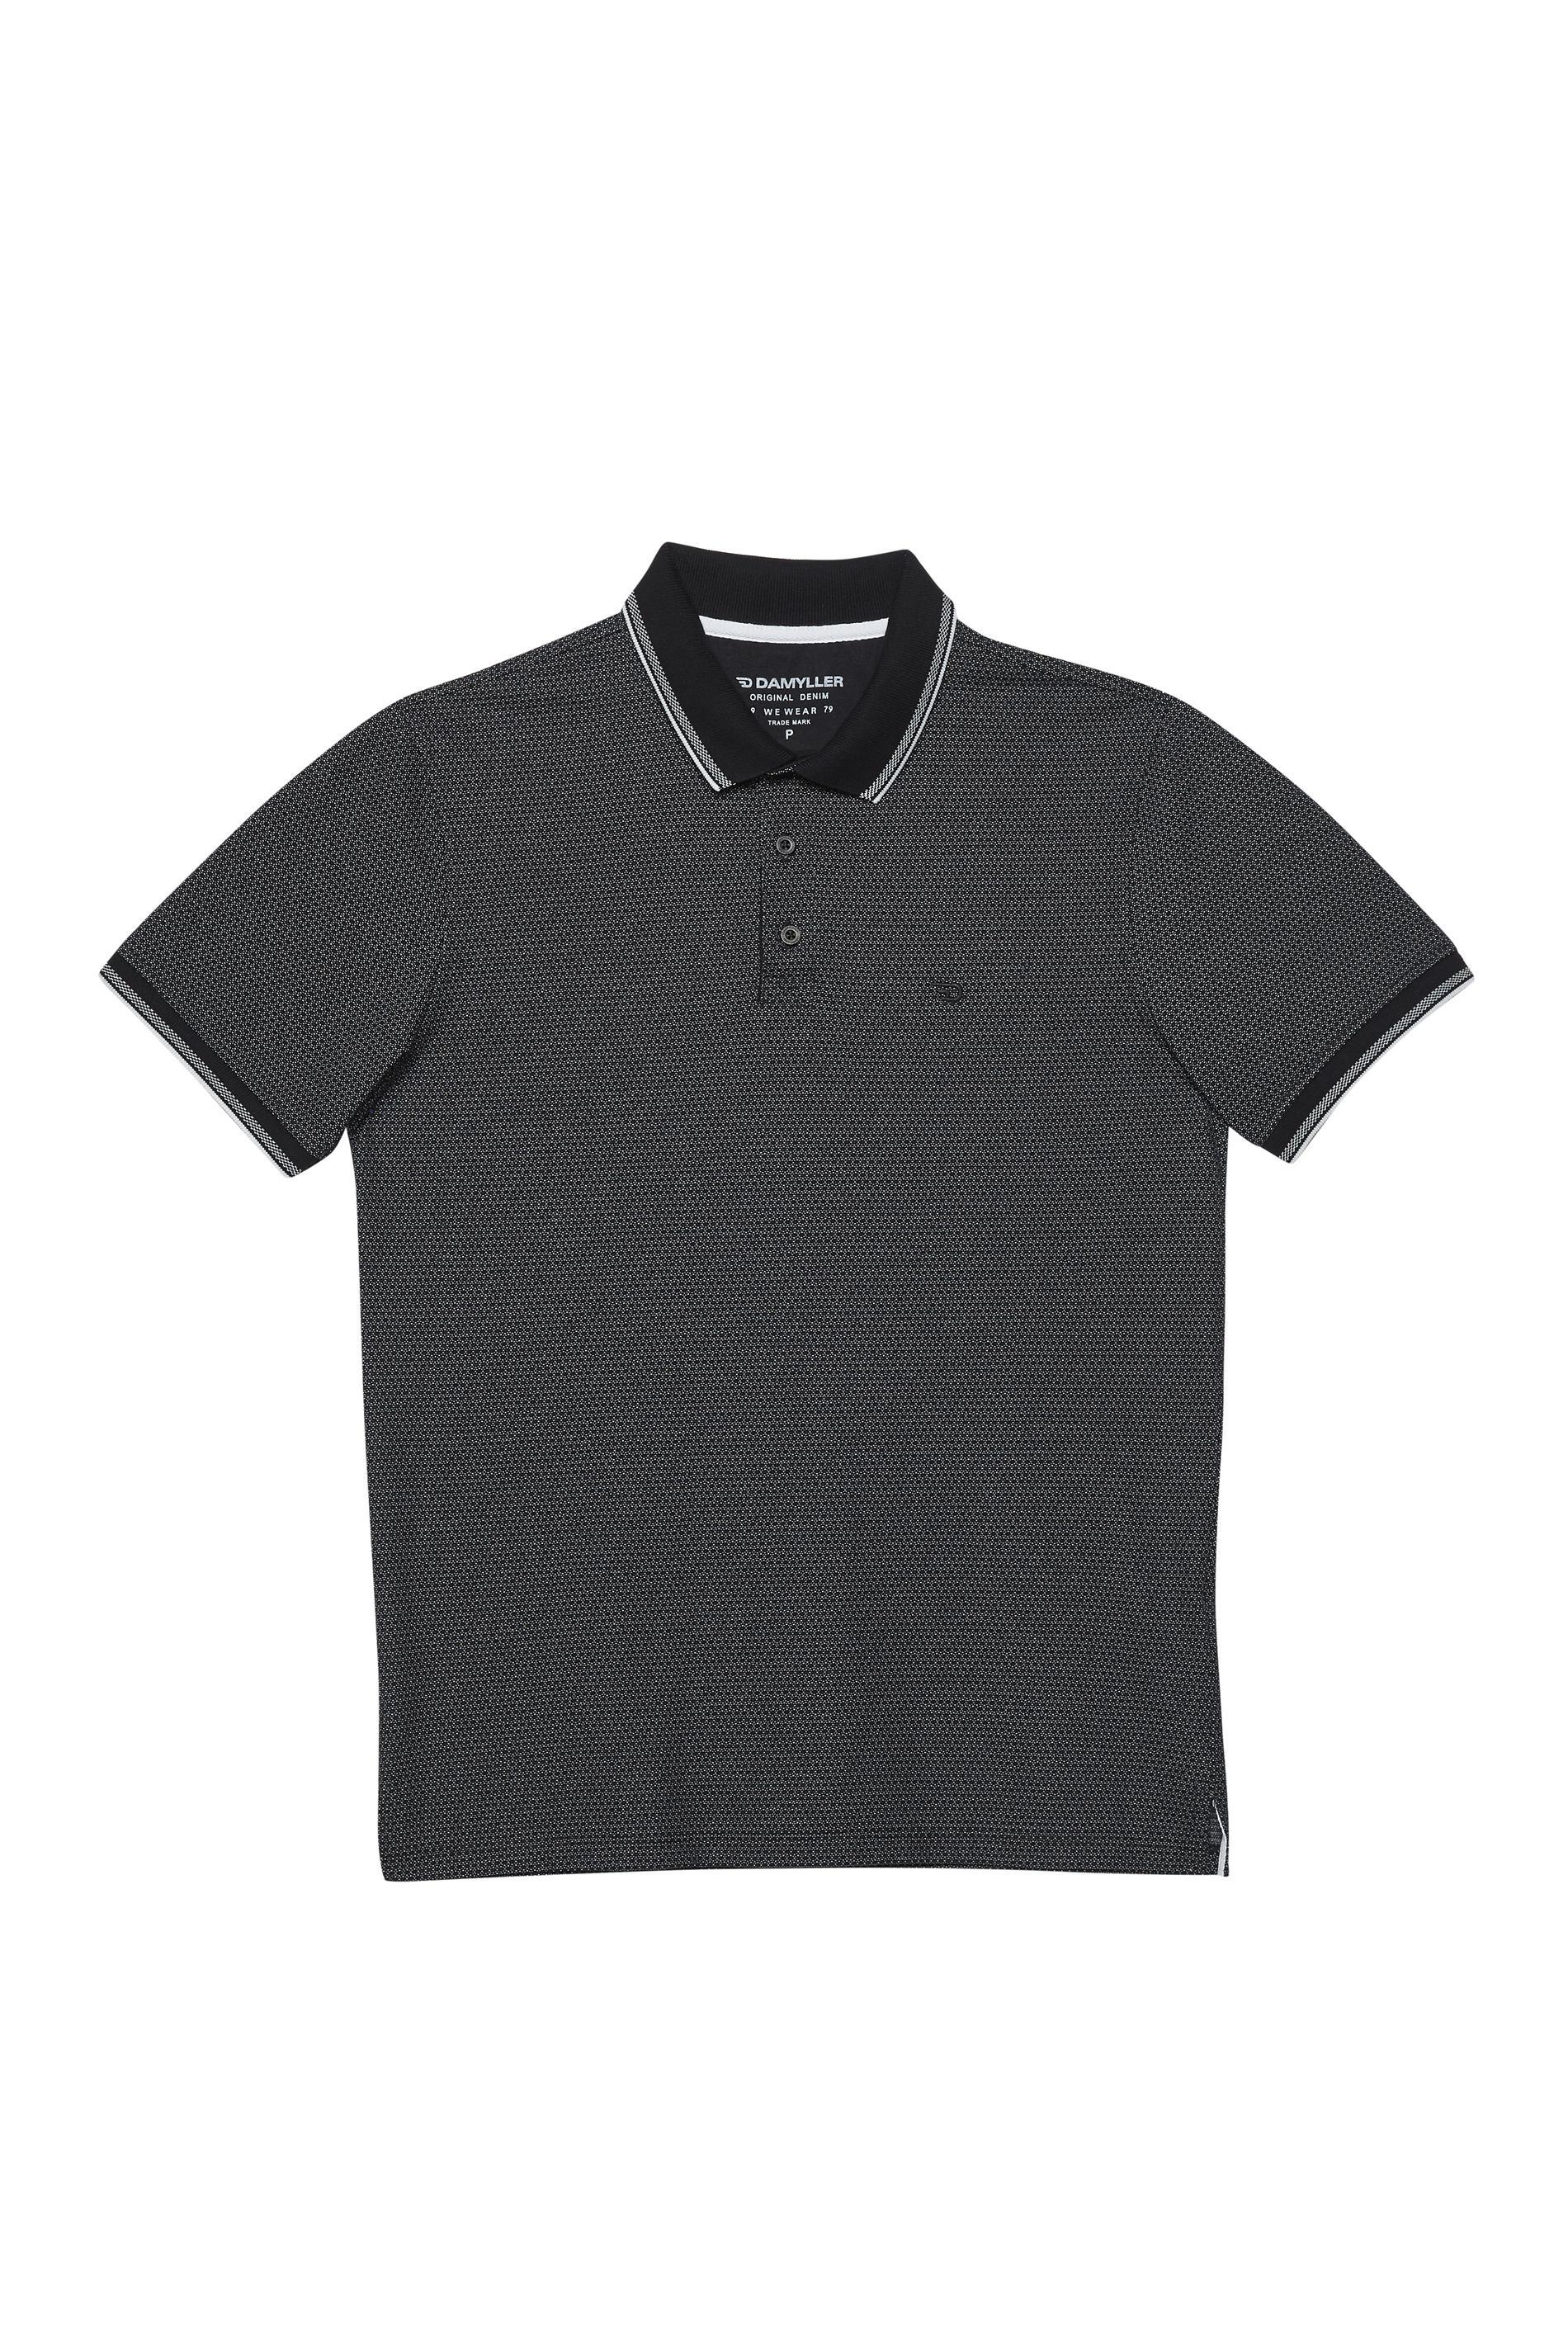 3a2736bc9f Camisa Polo Masculina - Damyller